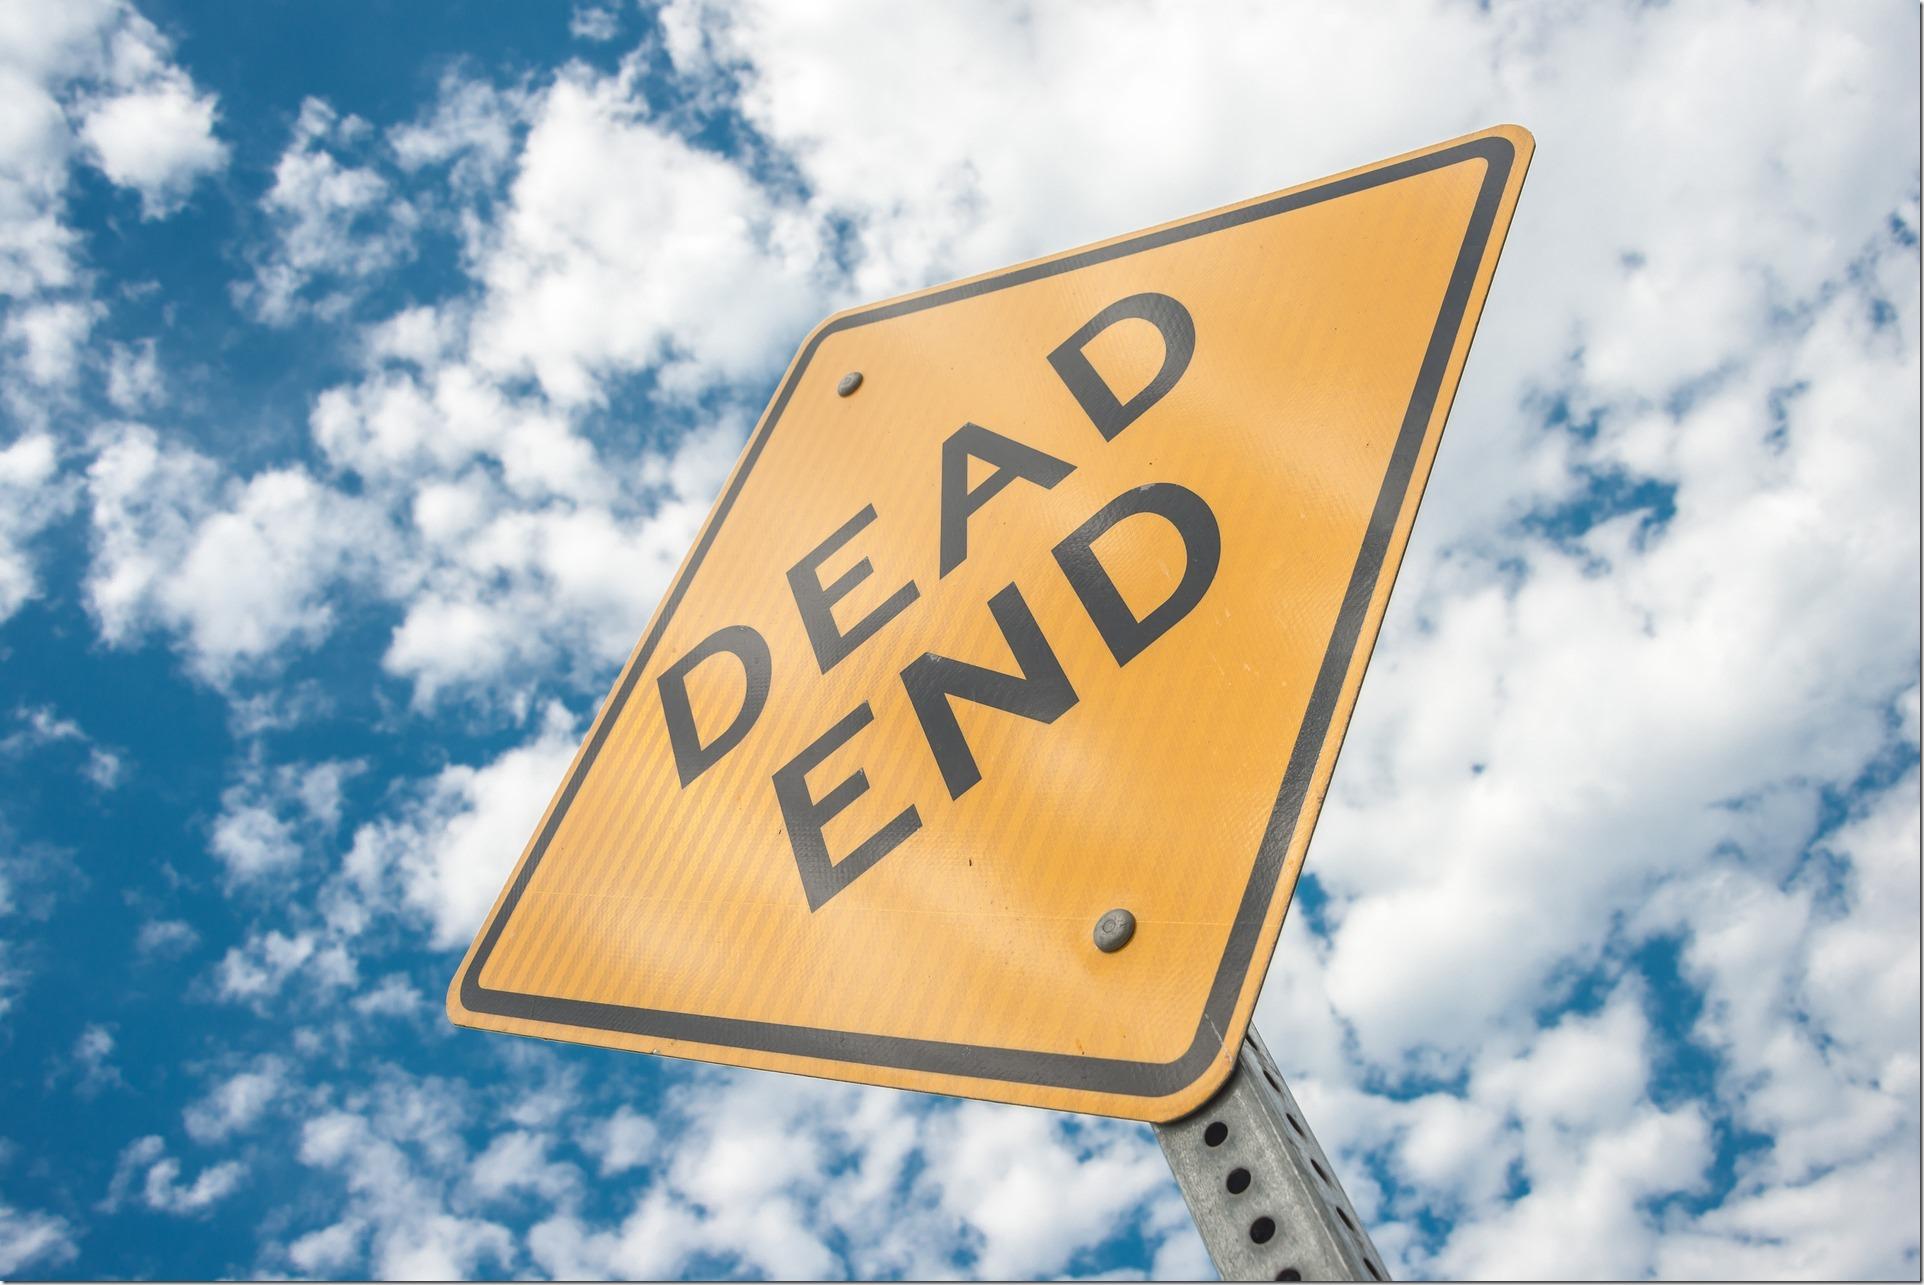 dead-end-1529593_1920